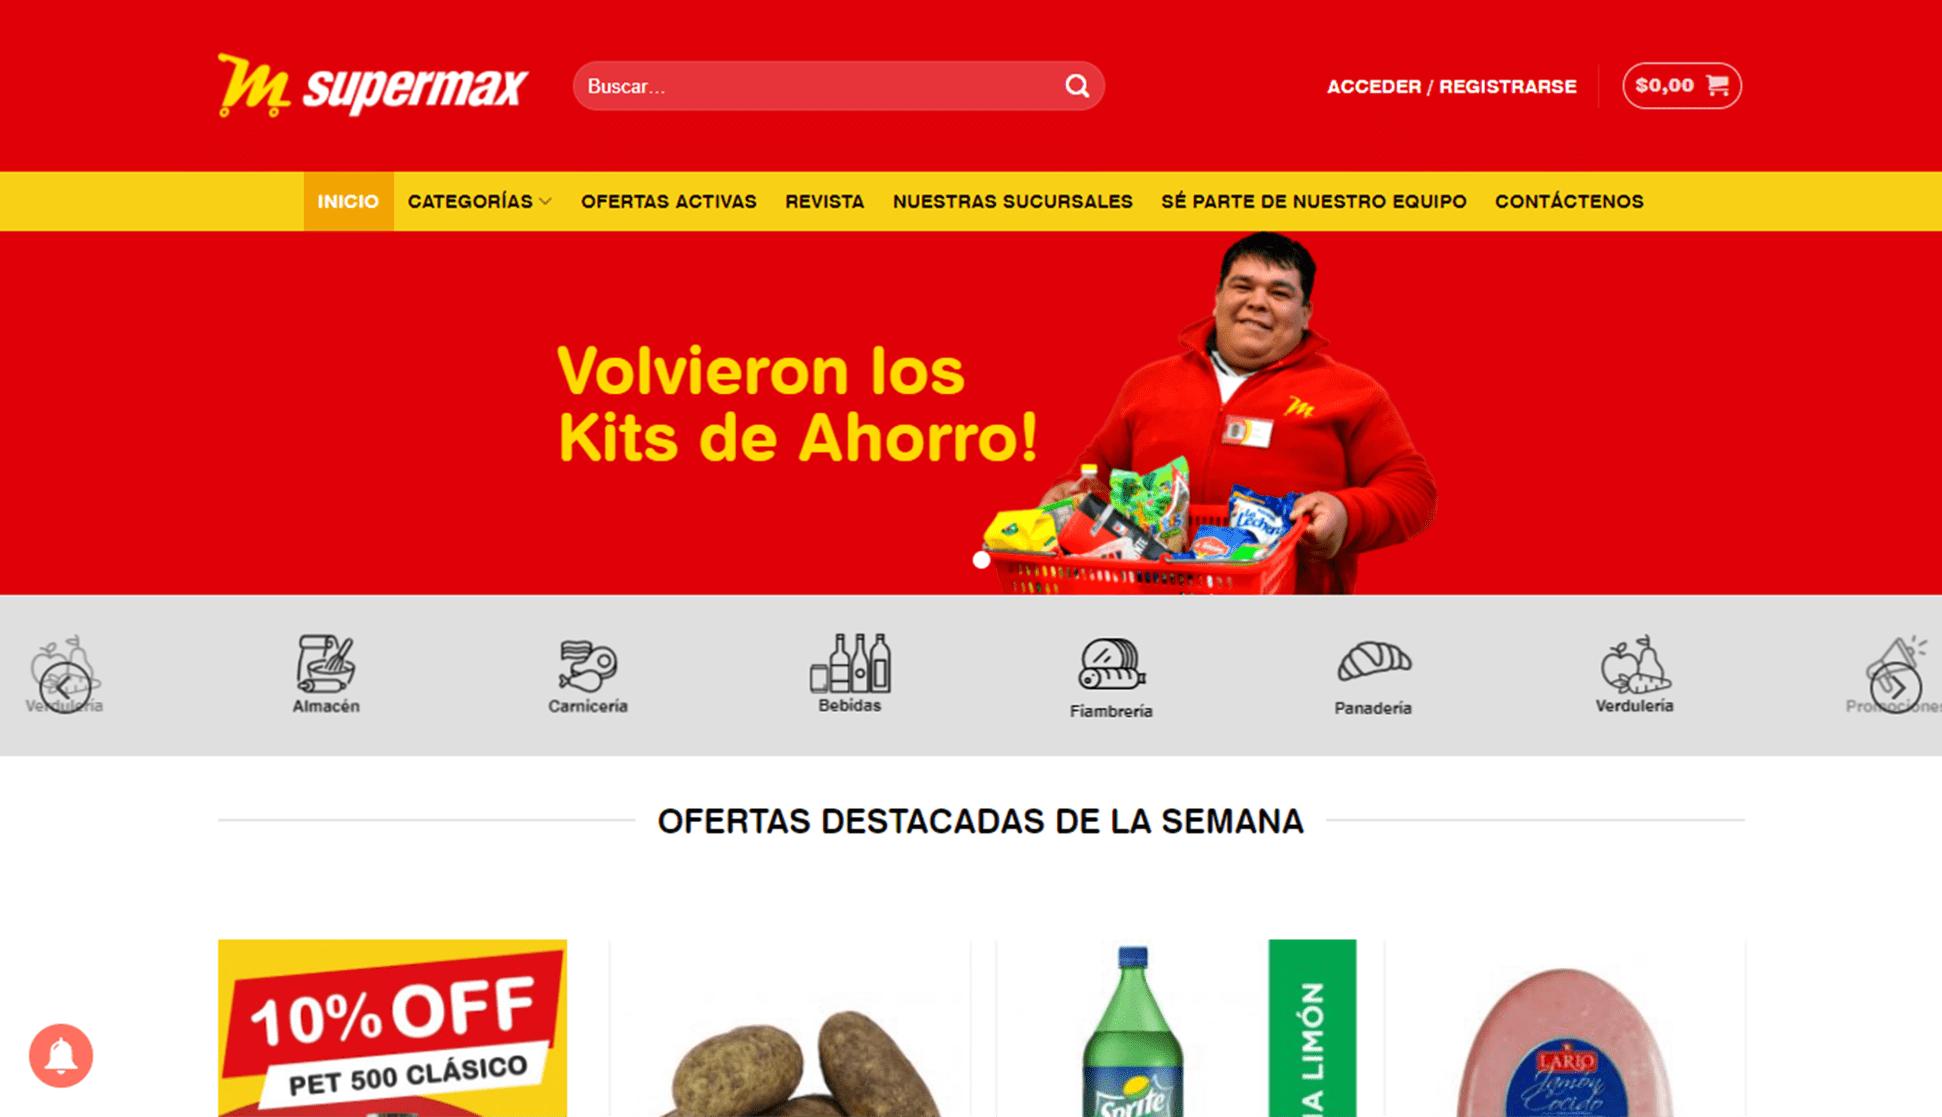 Imagen de Supermax, Sitio Web.